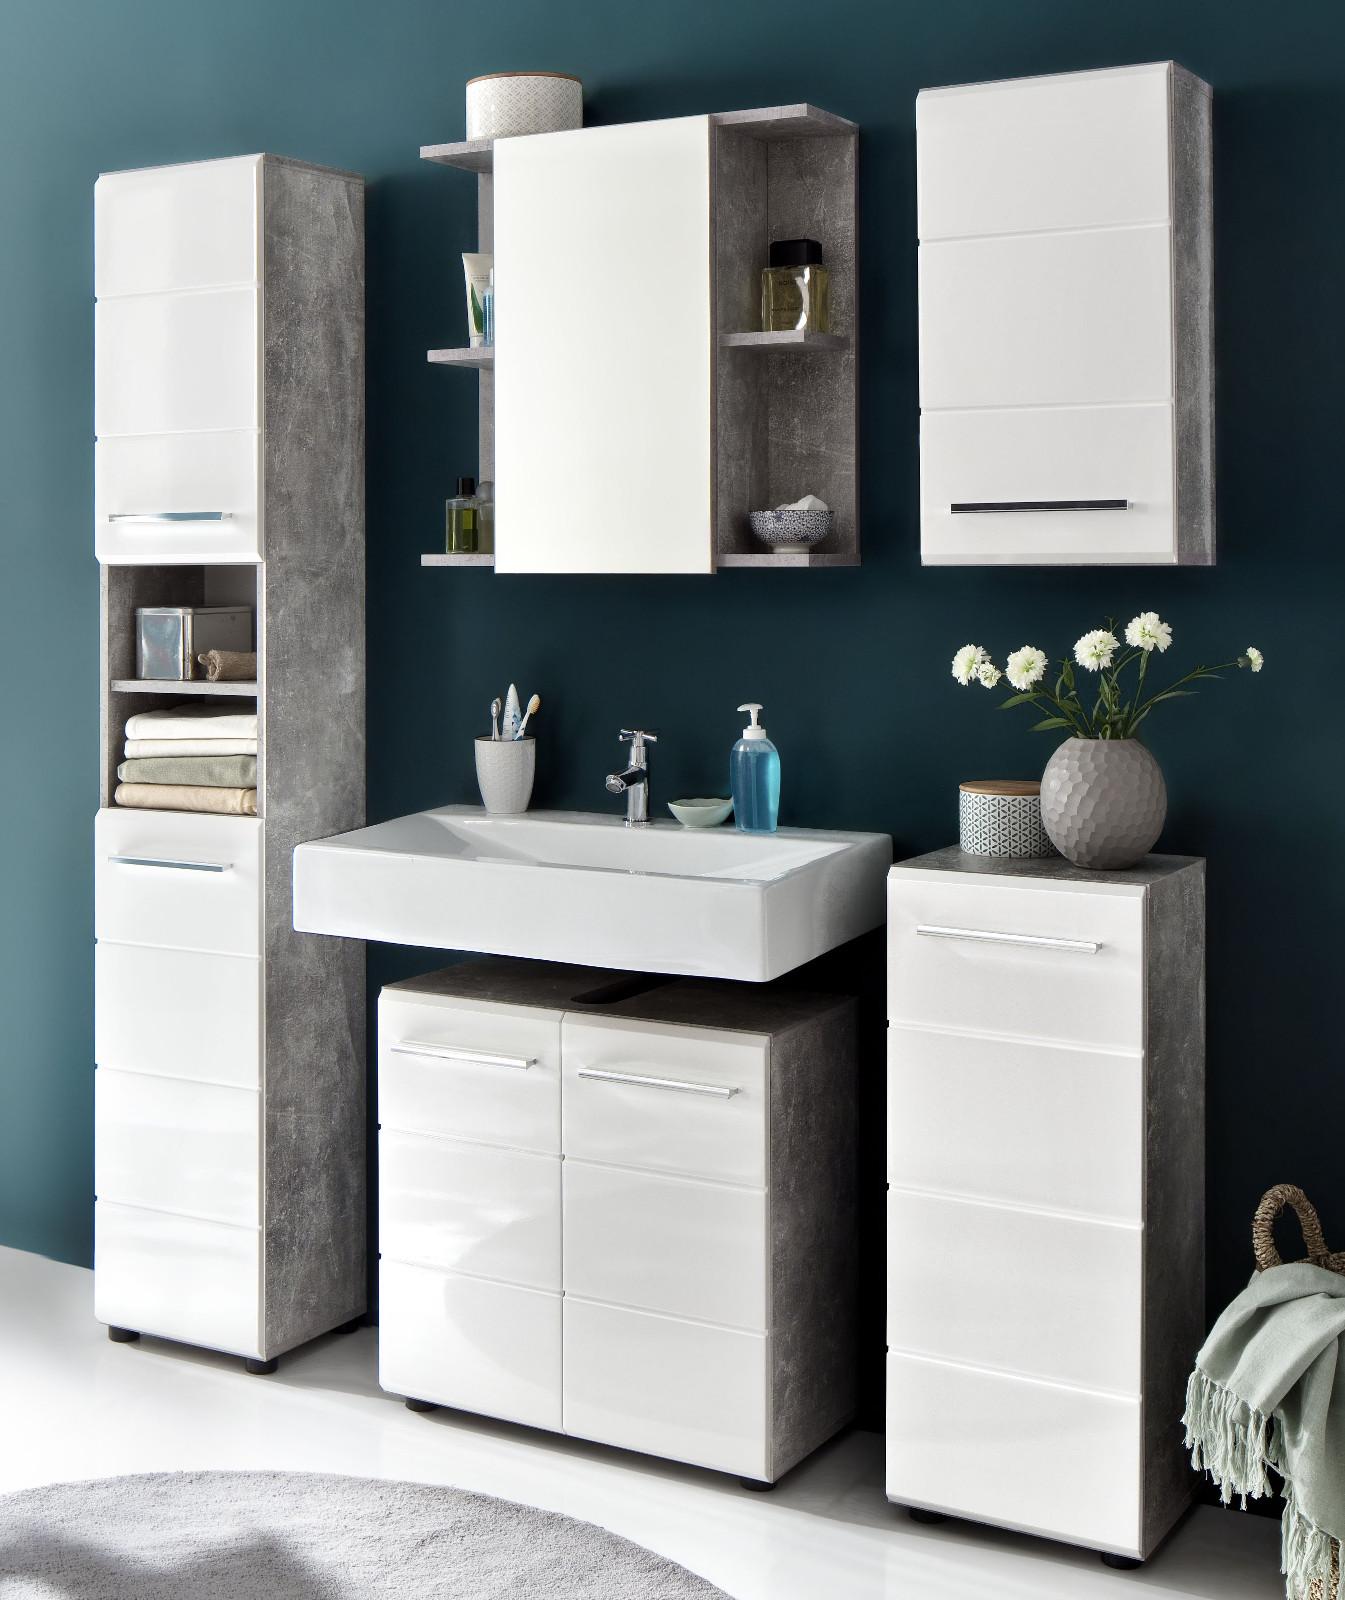 waschbeckenunterschrank nano wei hochglanz und grau. Black Bedroom Furniture Sets. Home Design Ideas